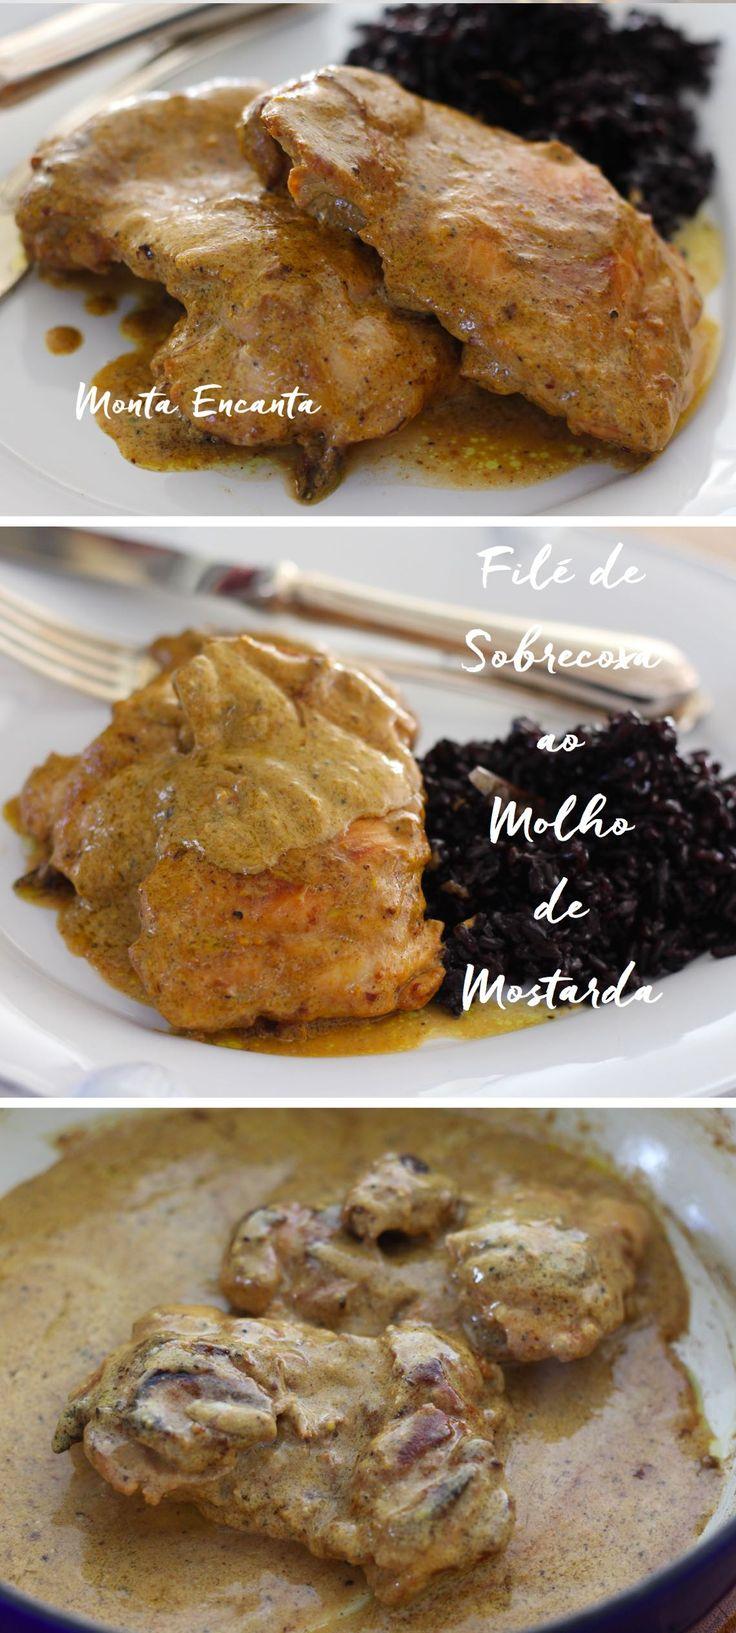 Filé de Sobrecoxa ao Molho mostarda é um clássico francês, fácil de fazer,  sem  segredos, a dica é caprichar na qualidade dos ingredientes e no ponto da carne! Pronto em 15minutos